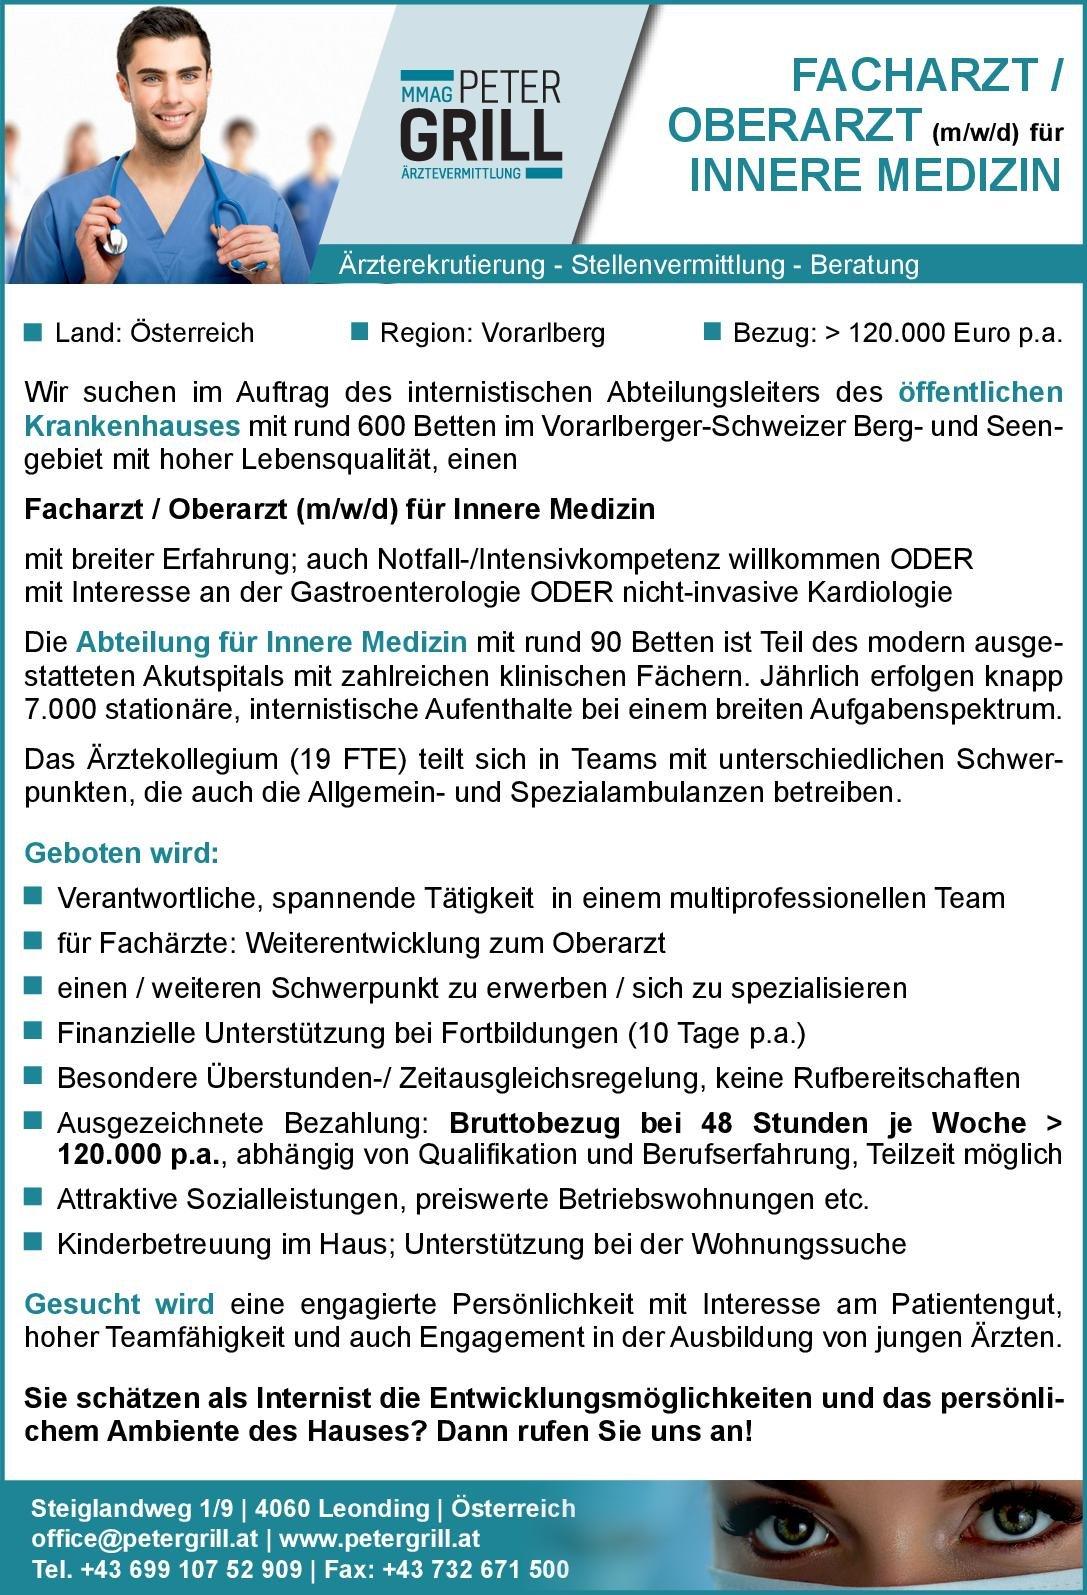 Peter Grill Ärztevermittlung Facharzt / Oberarzt (m/w/d) für Innere Medizin  Innere Medizin, Innere Medizin Arzt/Facharzt, Oberarzt